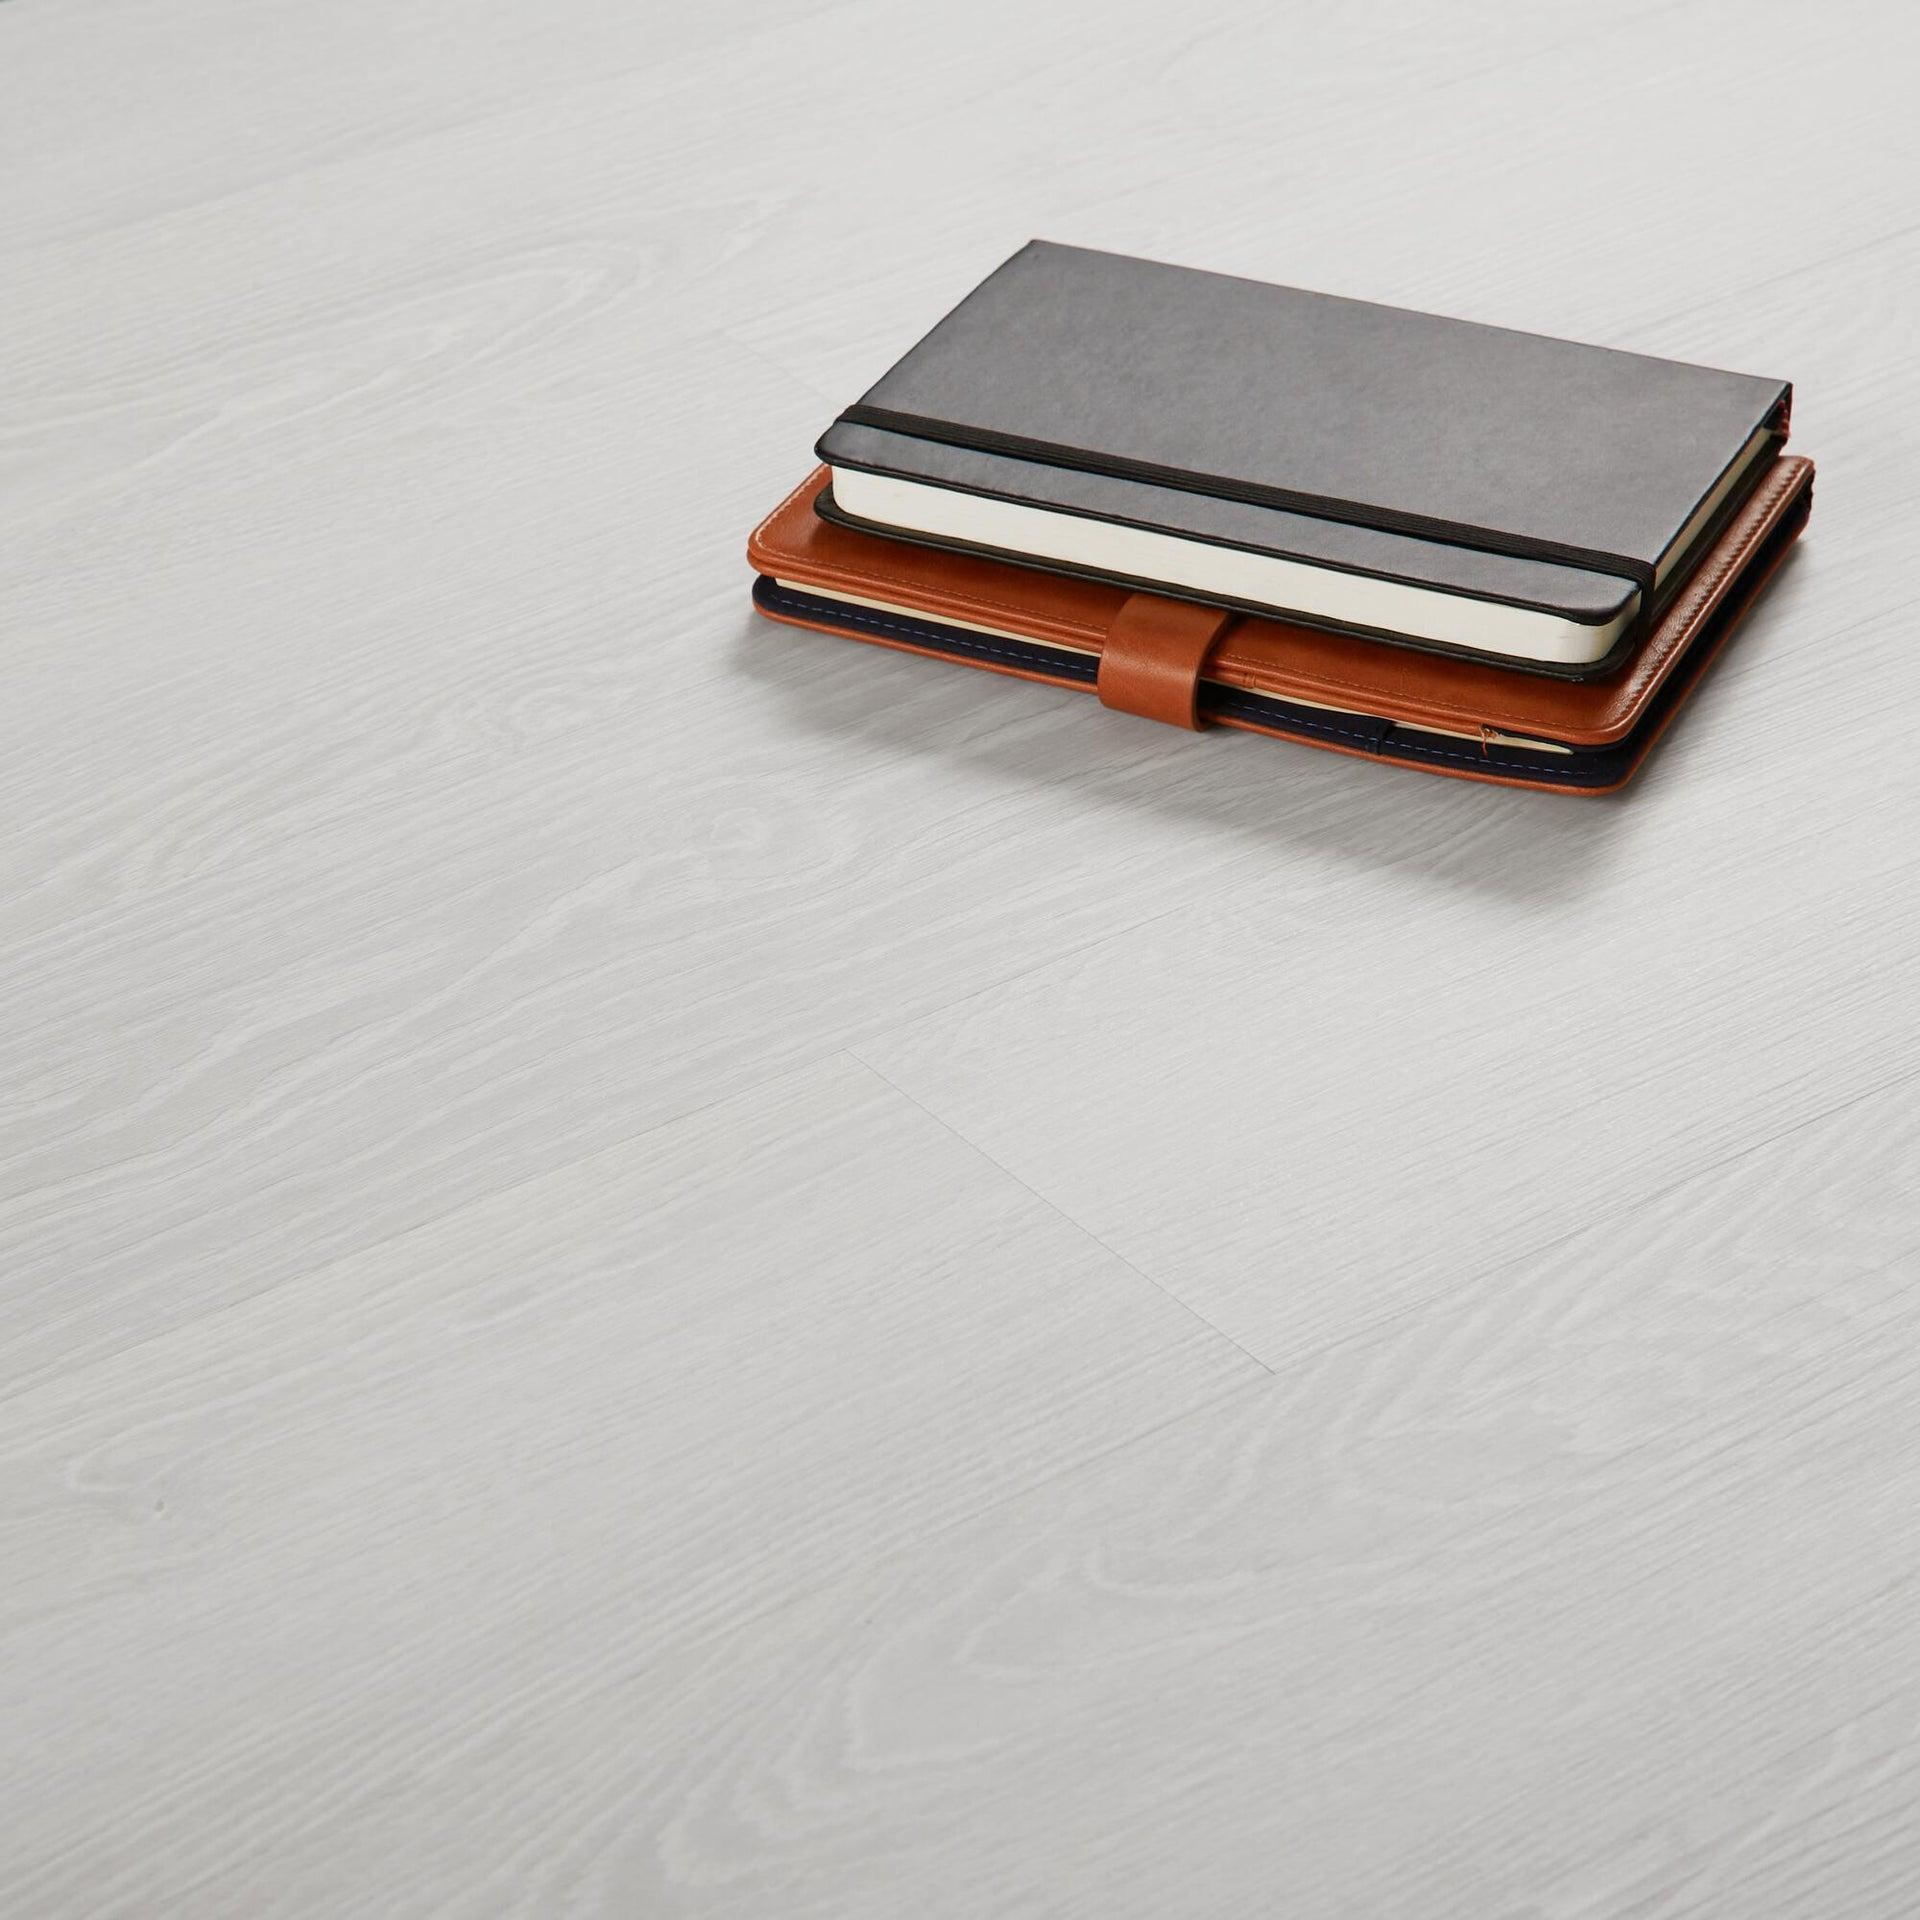 Pavimento PVC flottante clic+ Pure Sp 4.2 mm bianco - 2